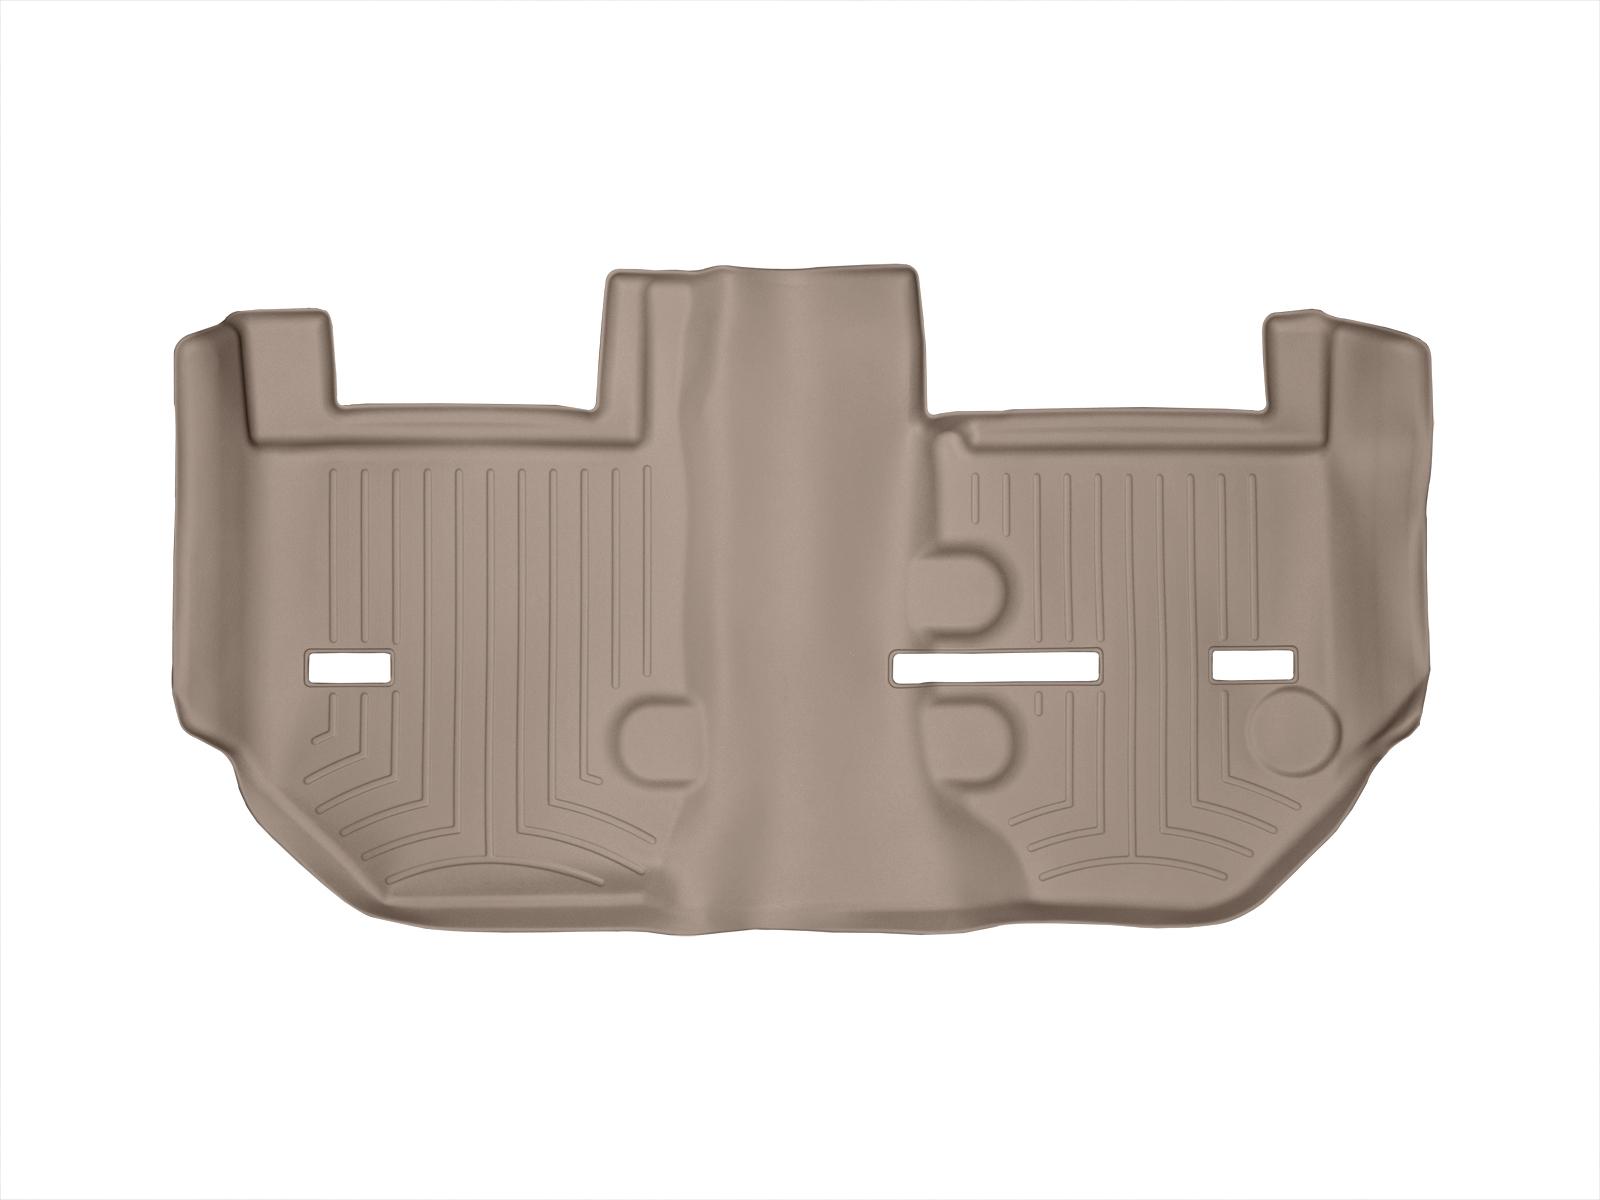 Tappeti gomma su misura bordo alto Cadillac Escalade ESV 11>14 Marrone A65*